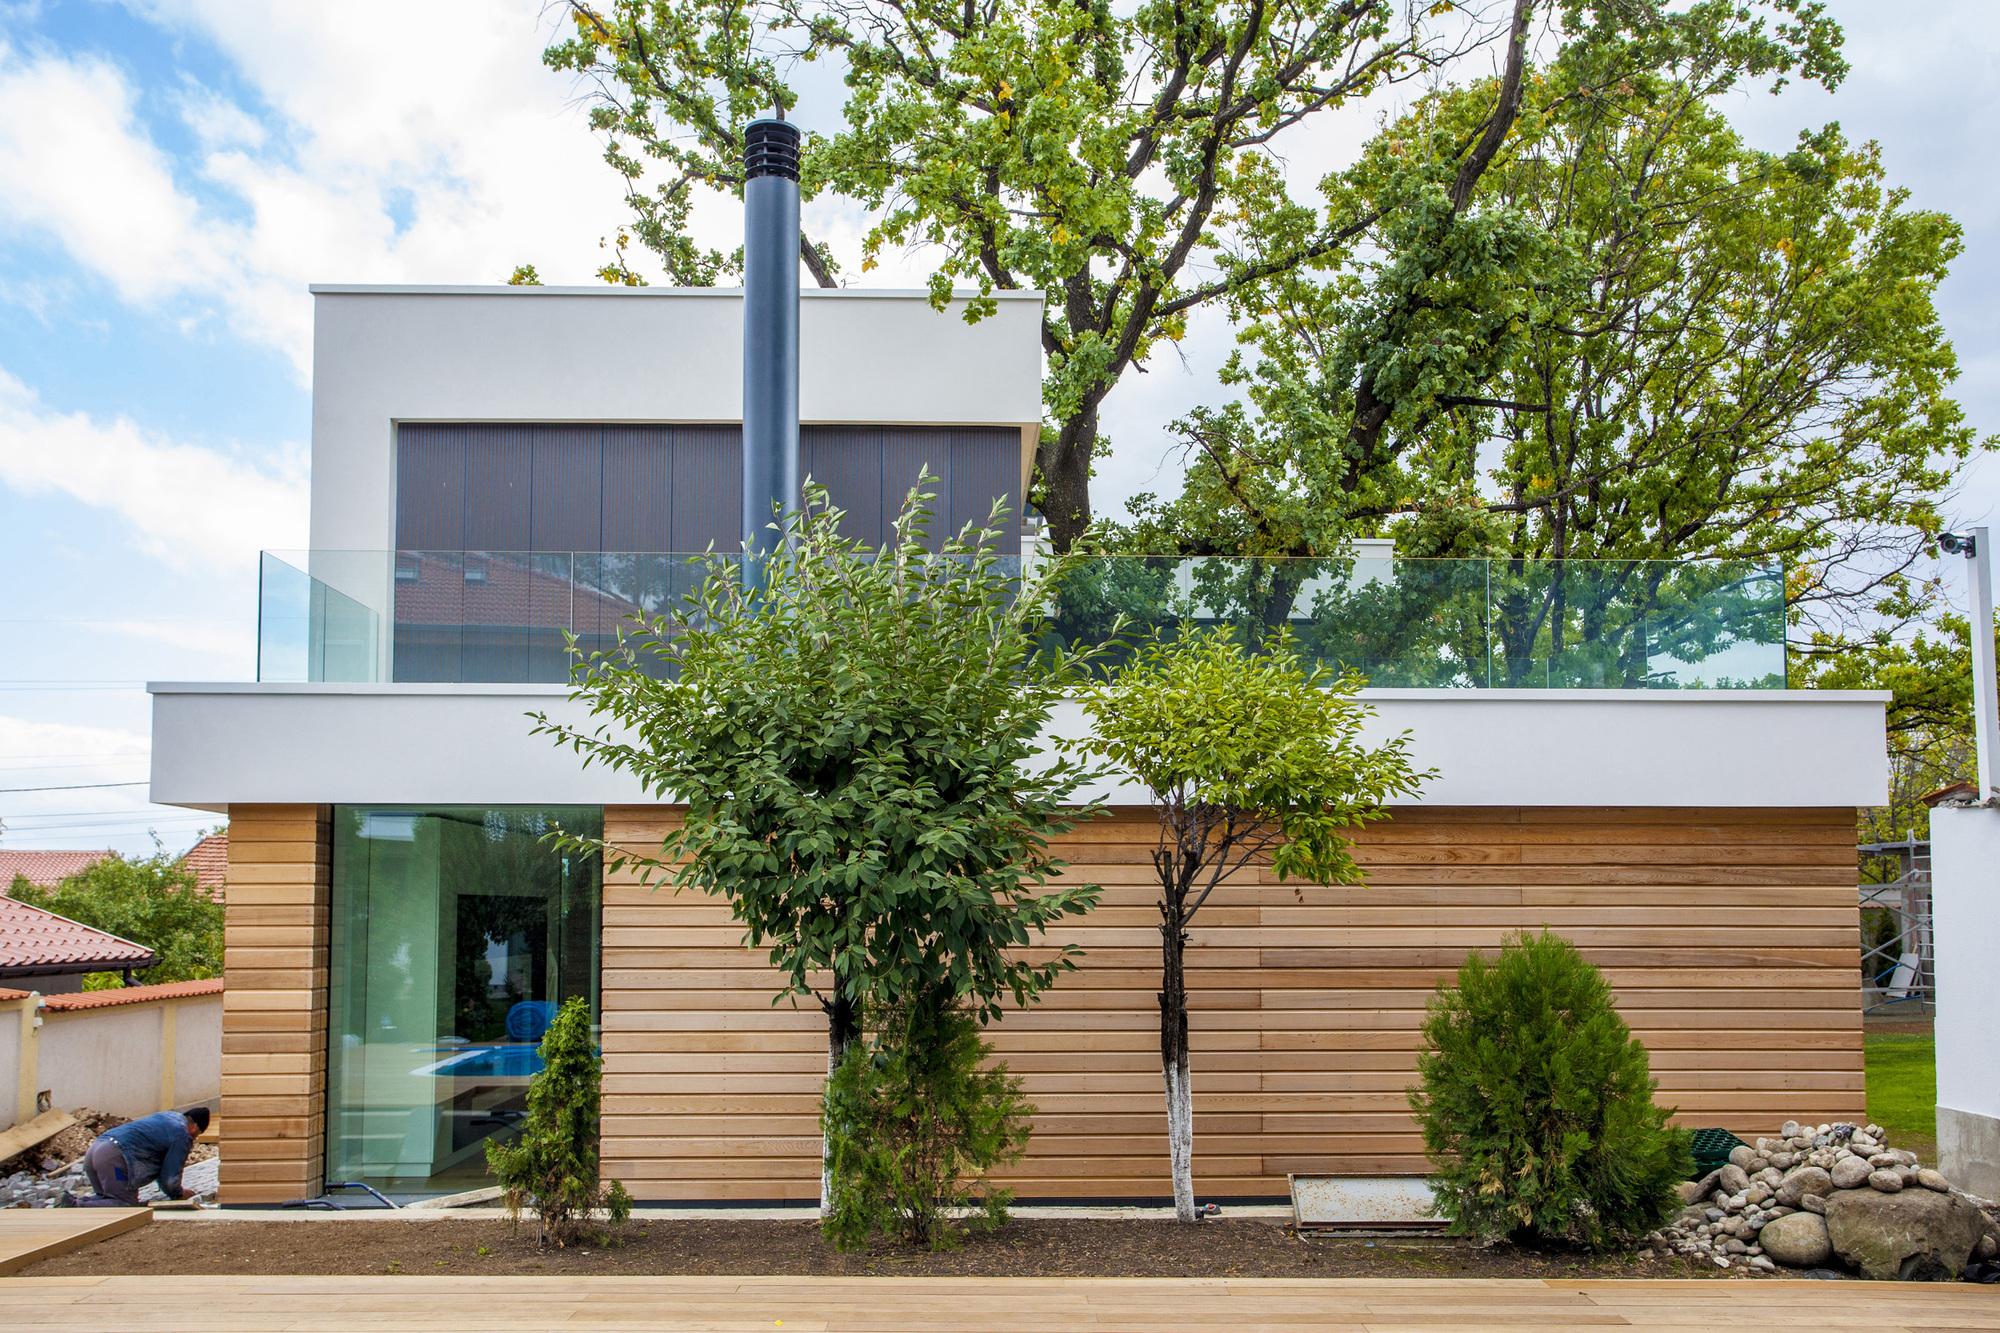 2-oaks-house-obia_obia_2oaks_image_08_alumina_elit